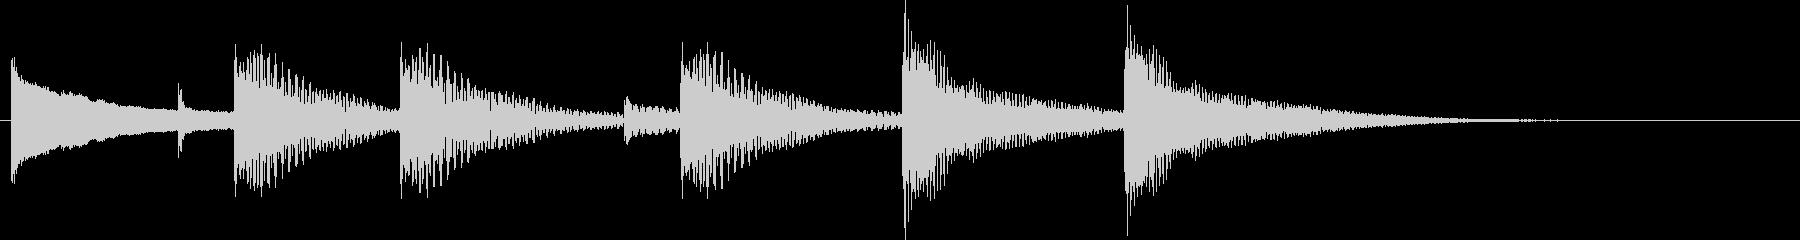 木琴のジングルの未再生の波形